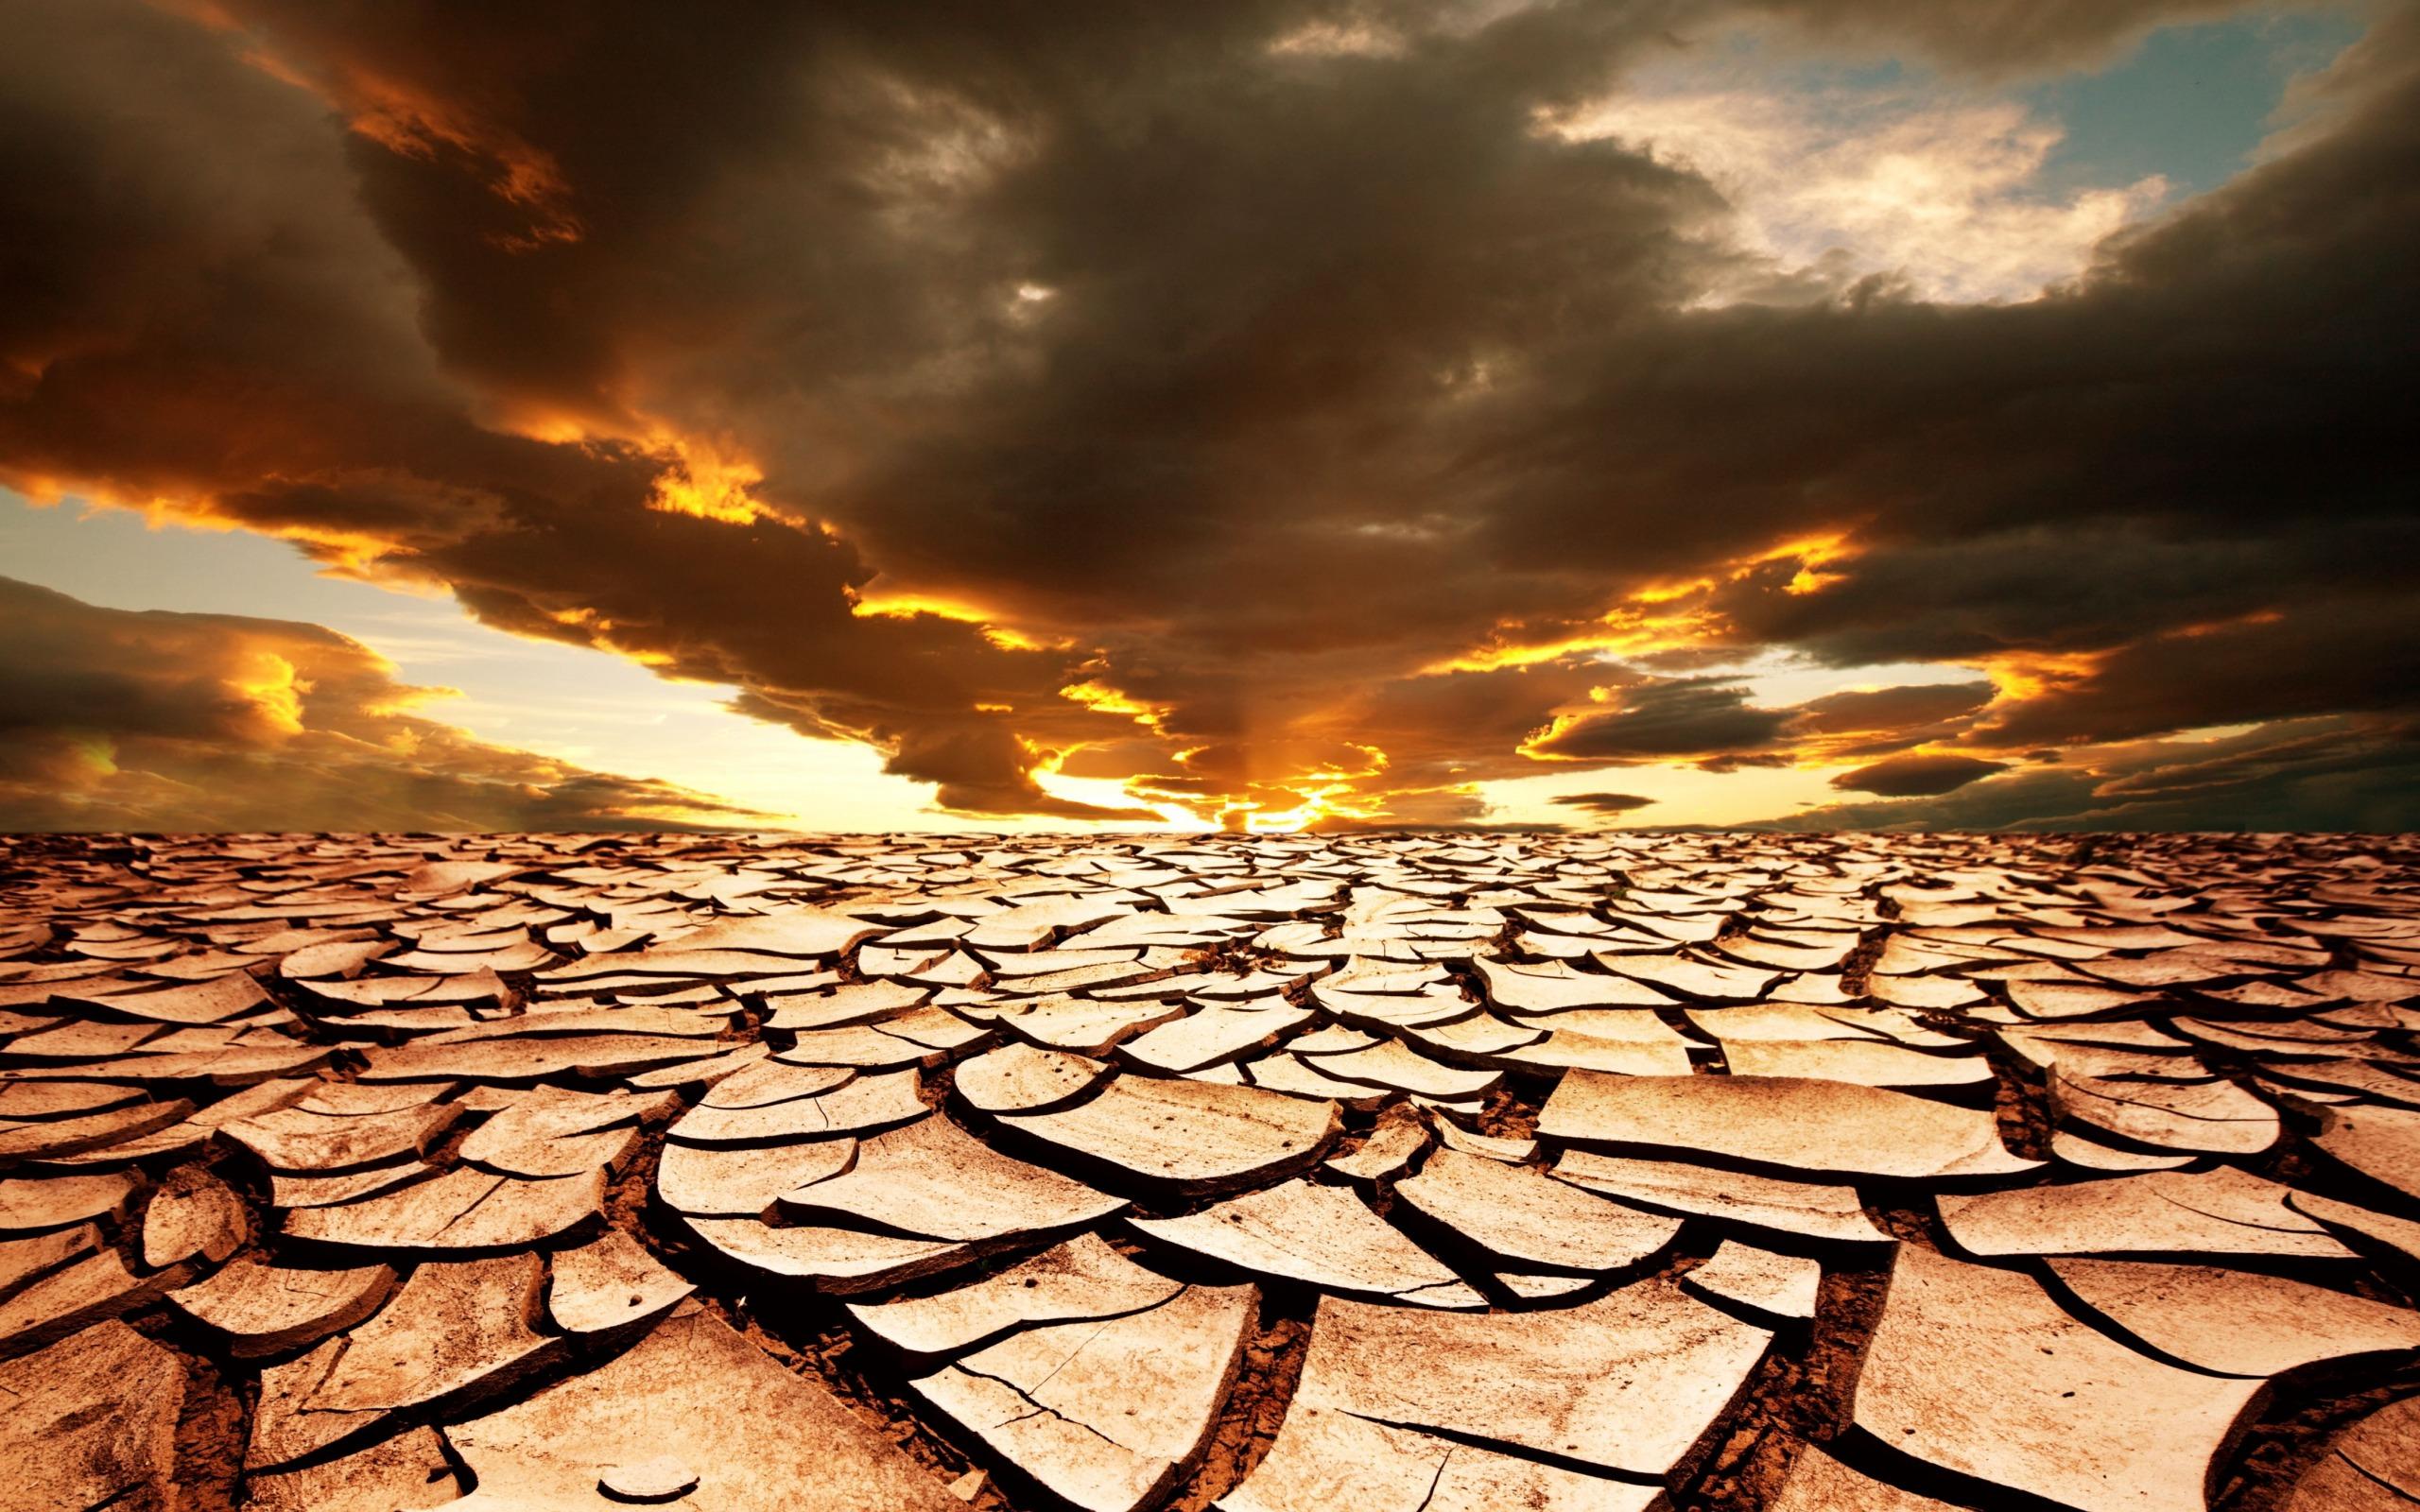 Африка раскалывается на части: в Сети появились кадры гигантской трещины